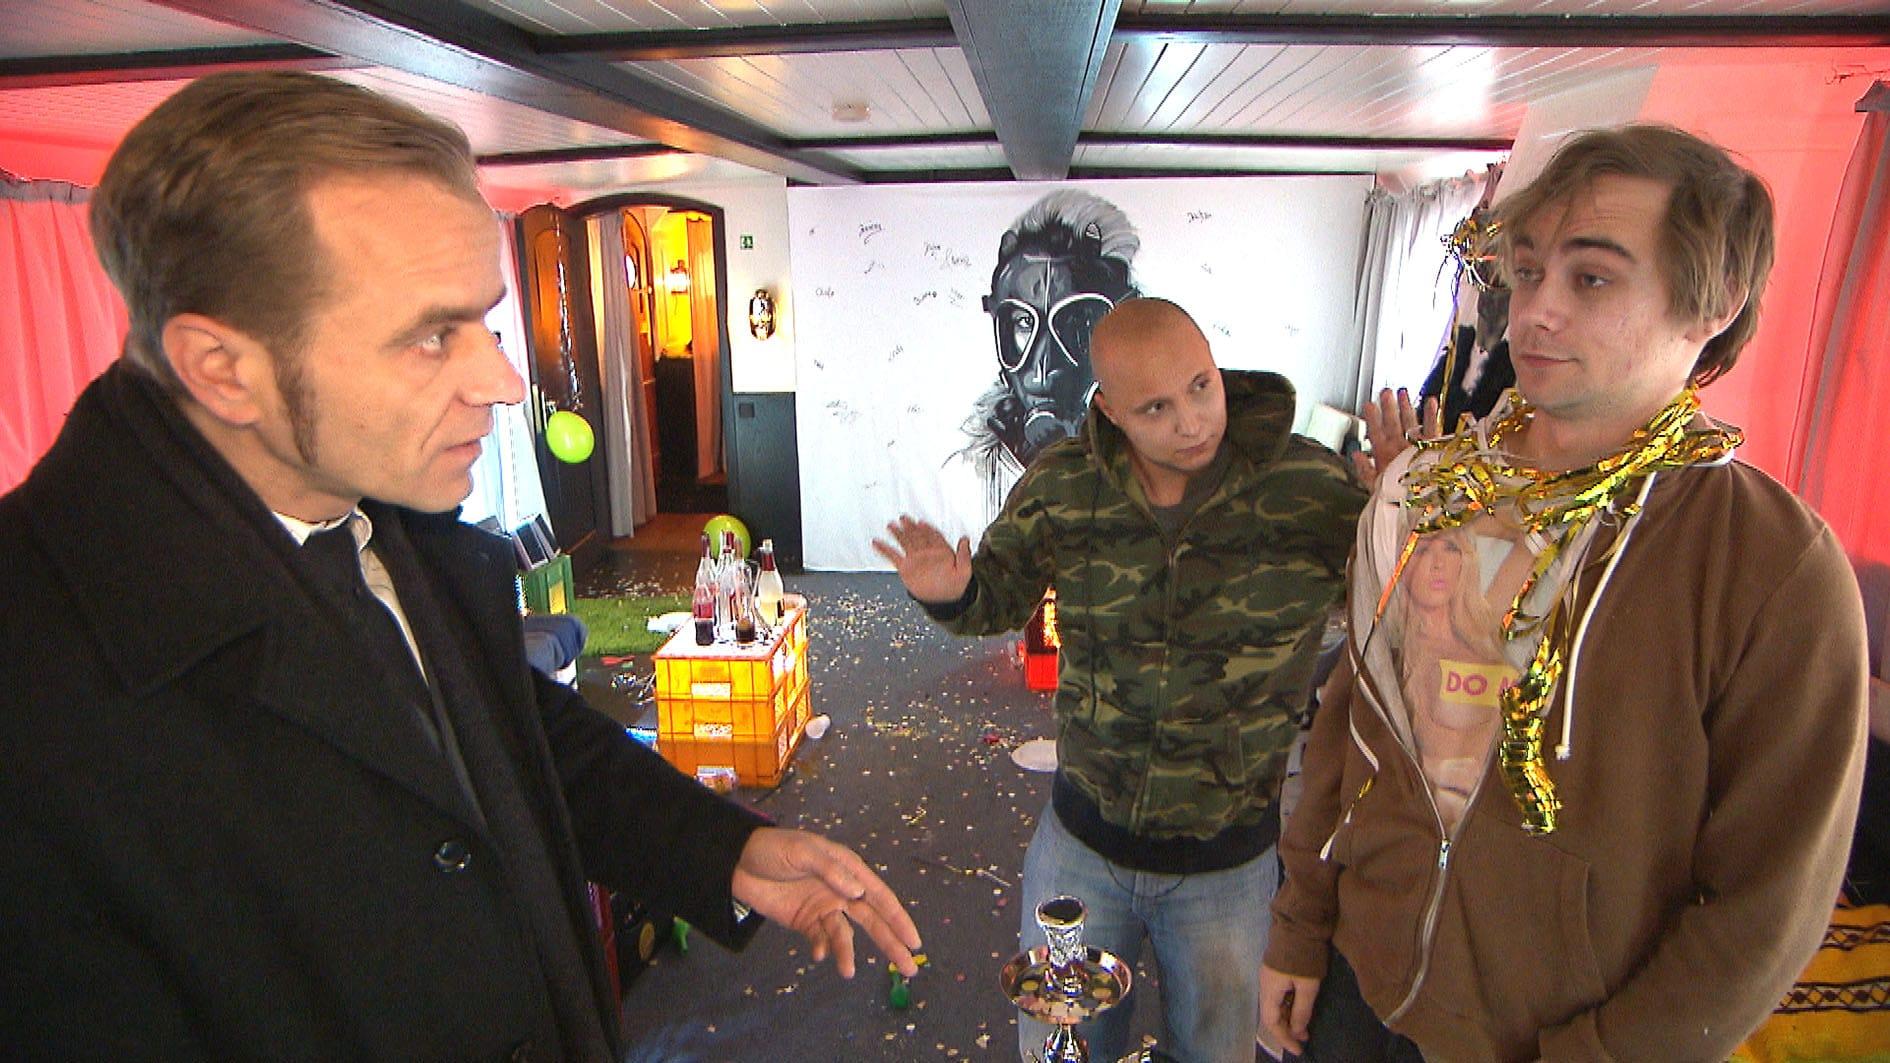 Berlin Tag und Nacht: Müssen Schmidti und Krätze jetzt schwitzen? - TV News